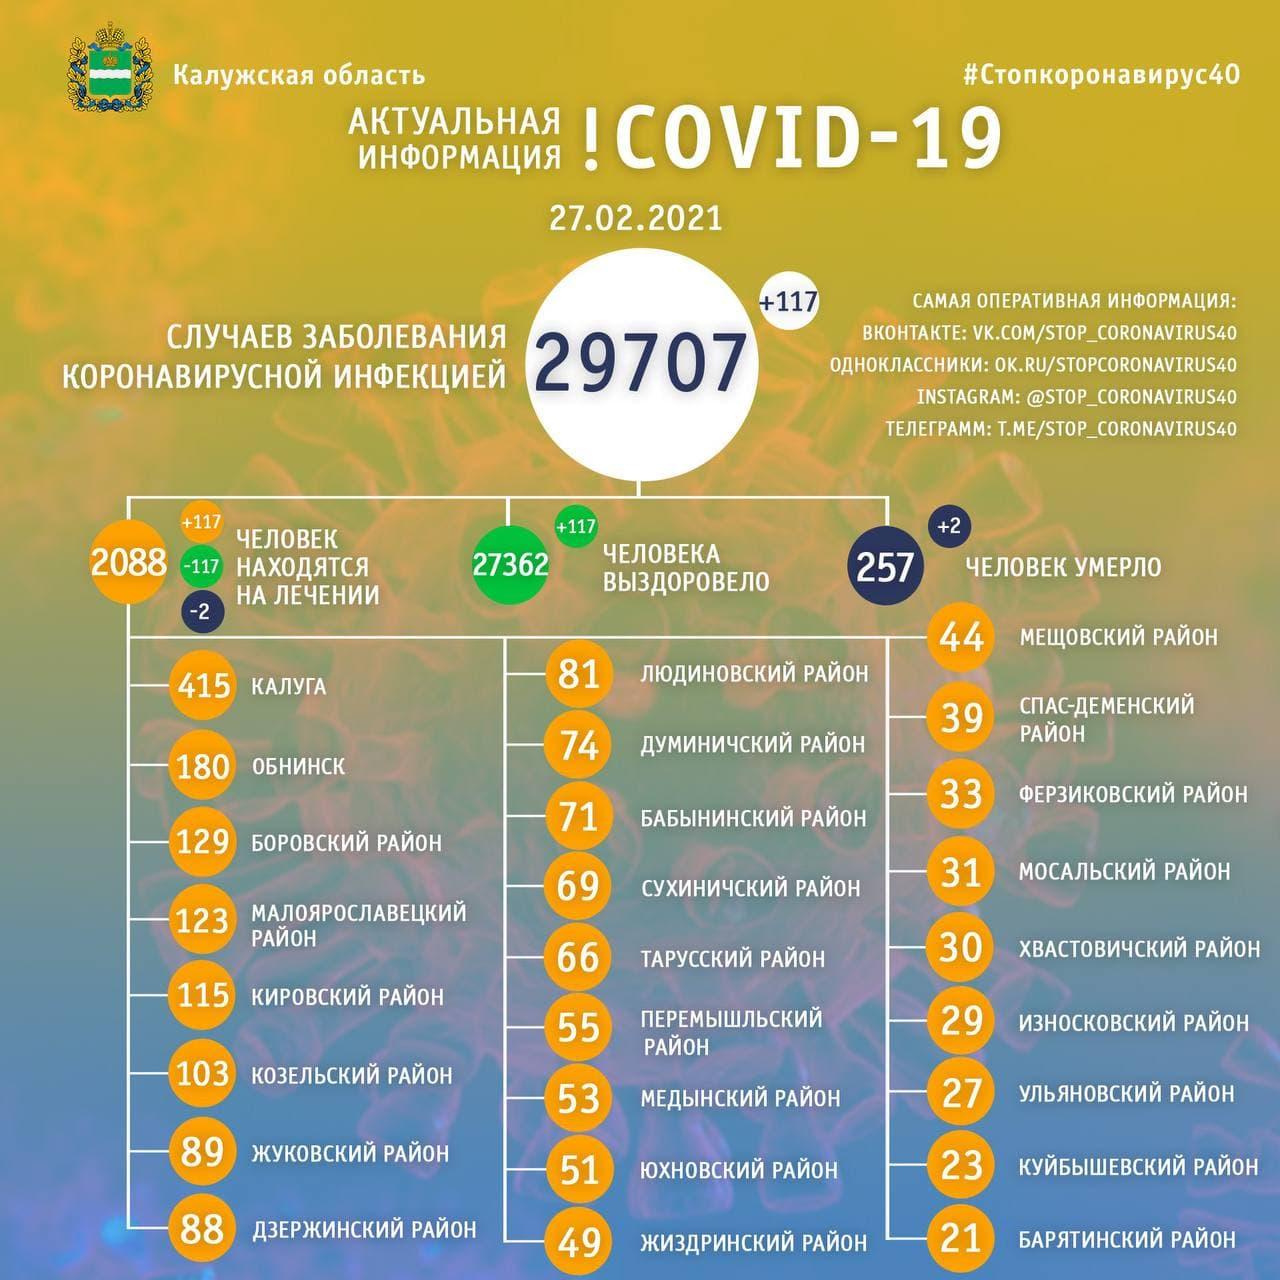 Официальная статистика по коронавирусу в Калужской области 27 февраля 2021 года.